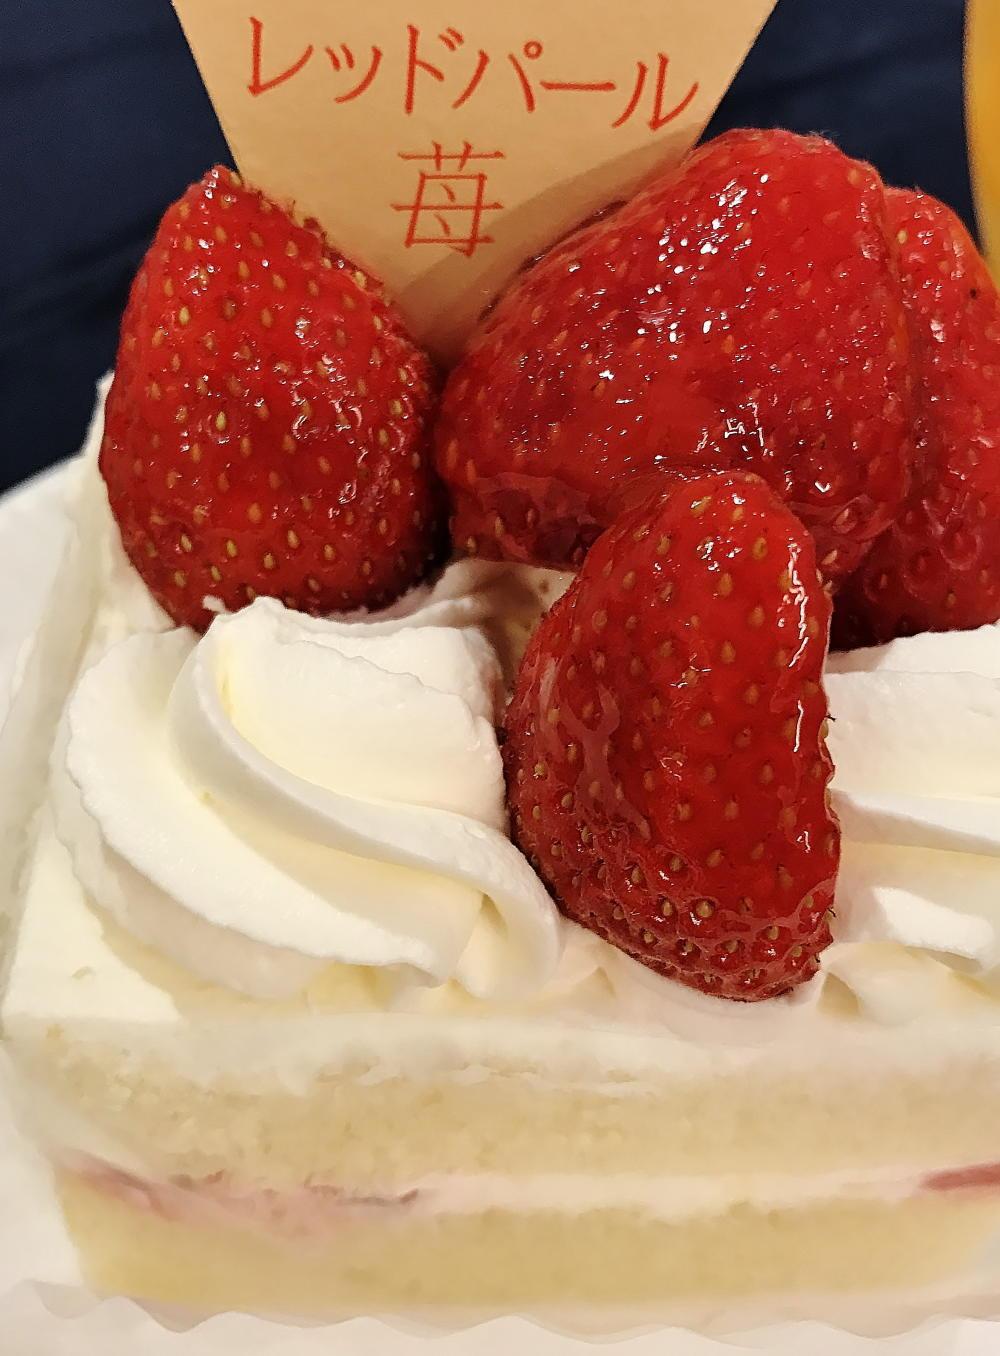 三重県産レッドパールと阿寒湖酪農家のショートケーキ